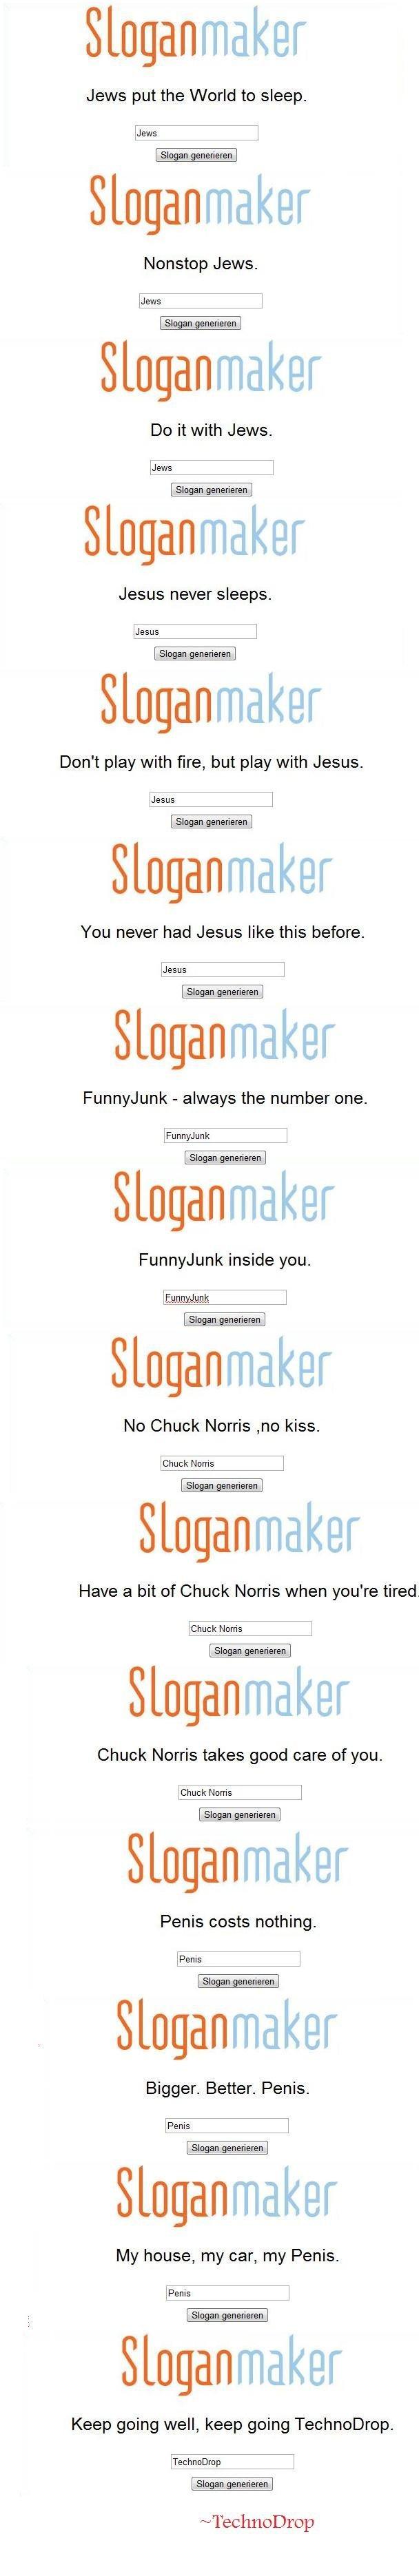 Slogan Maker Comp. make your own: sloganmaker.com/.. epic! Slogan maker sloganmaker kinda OC